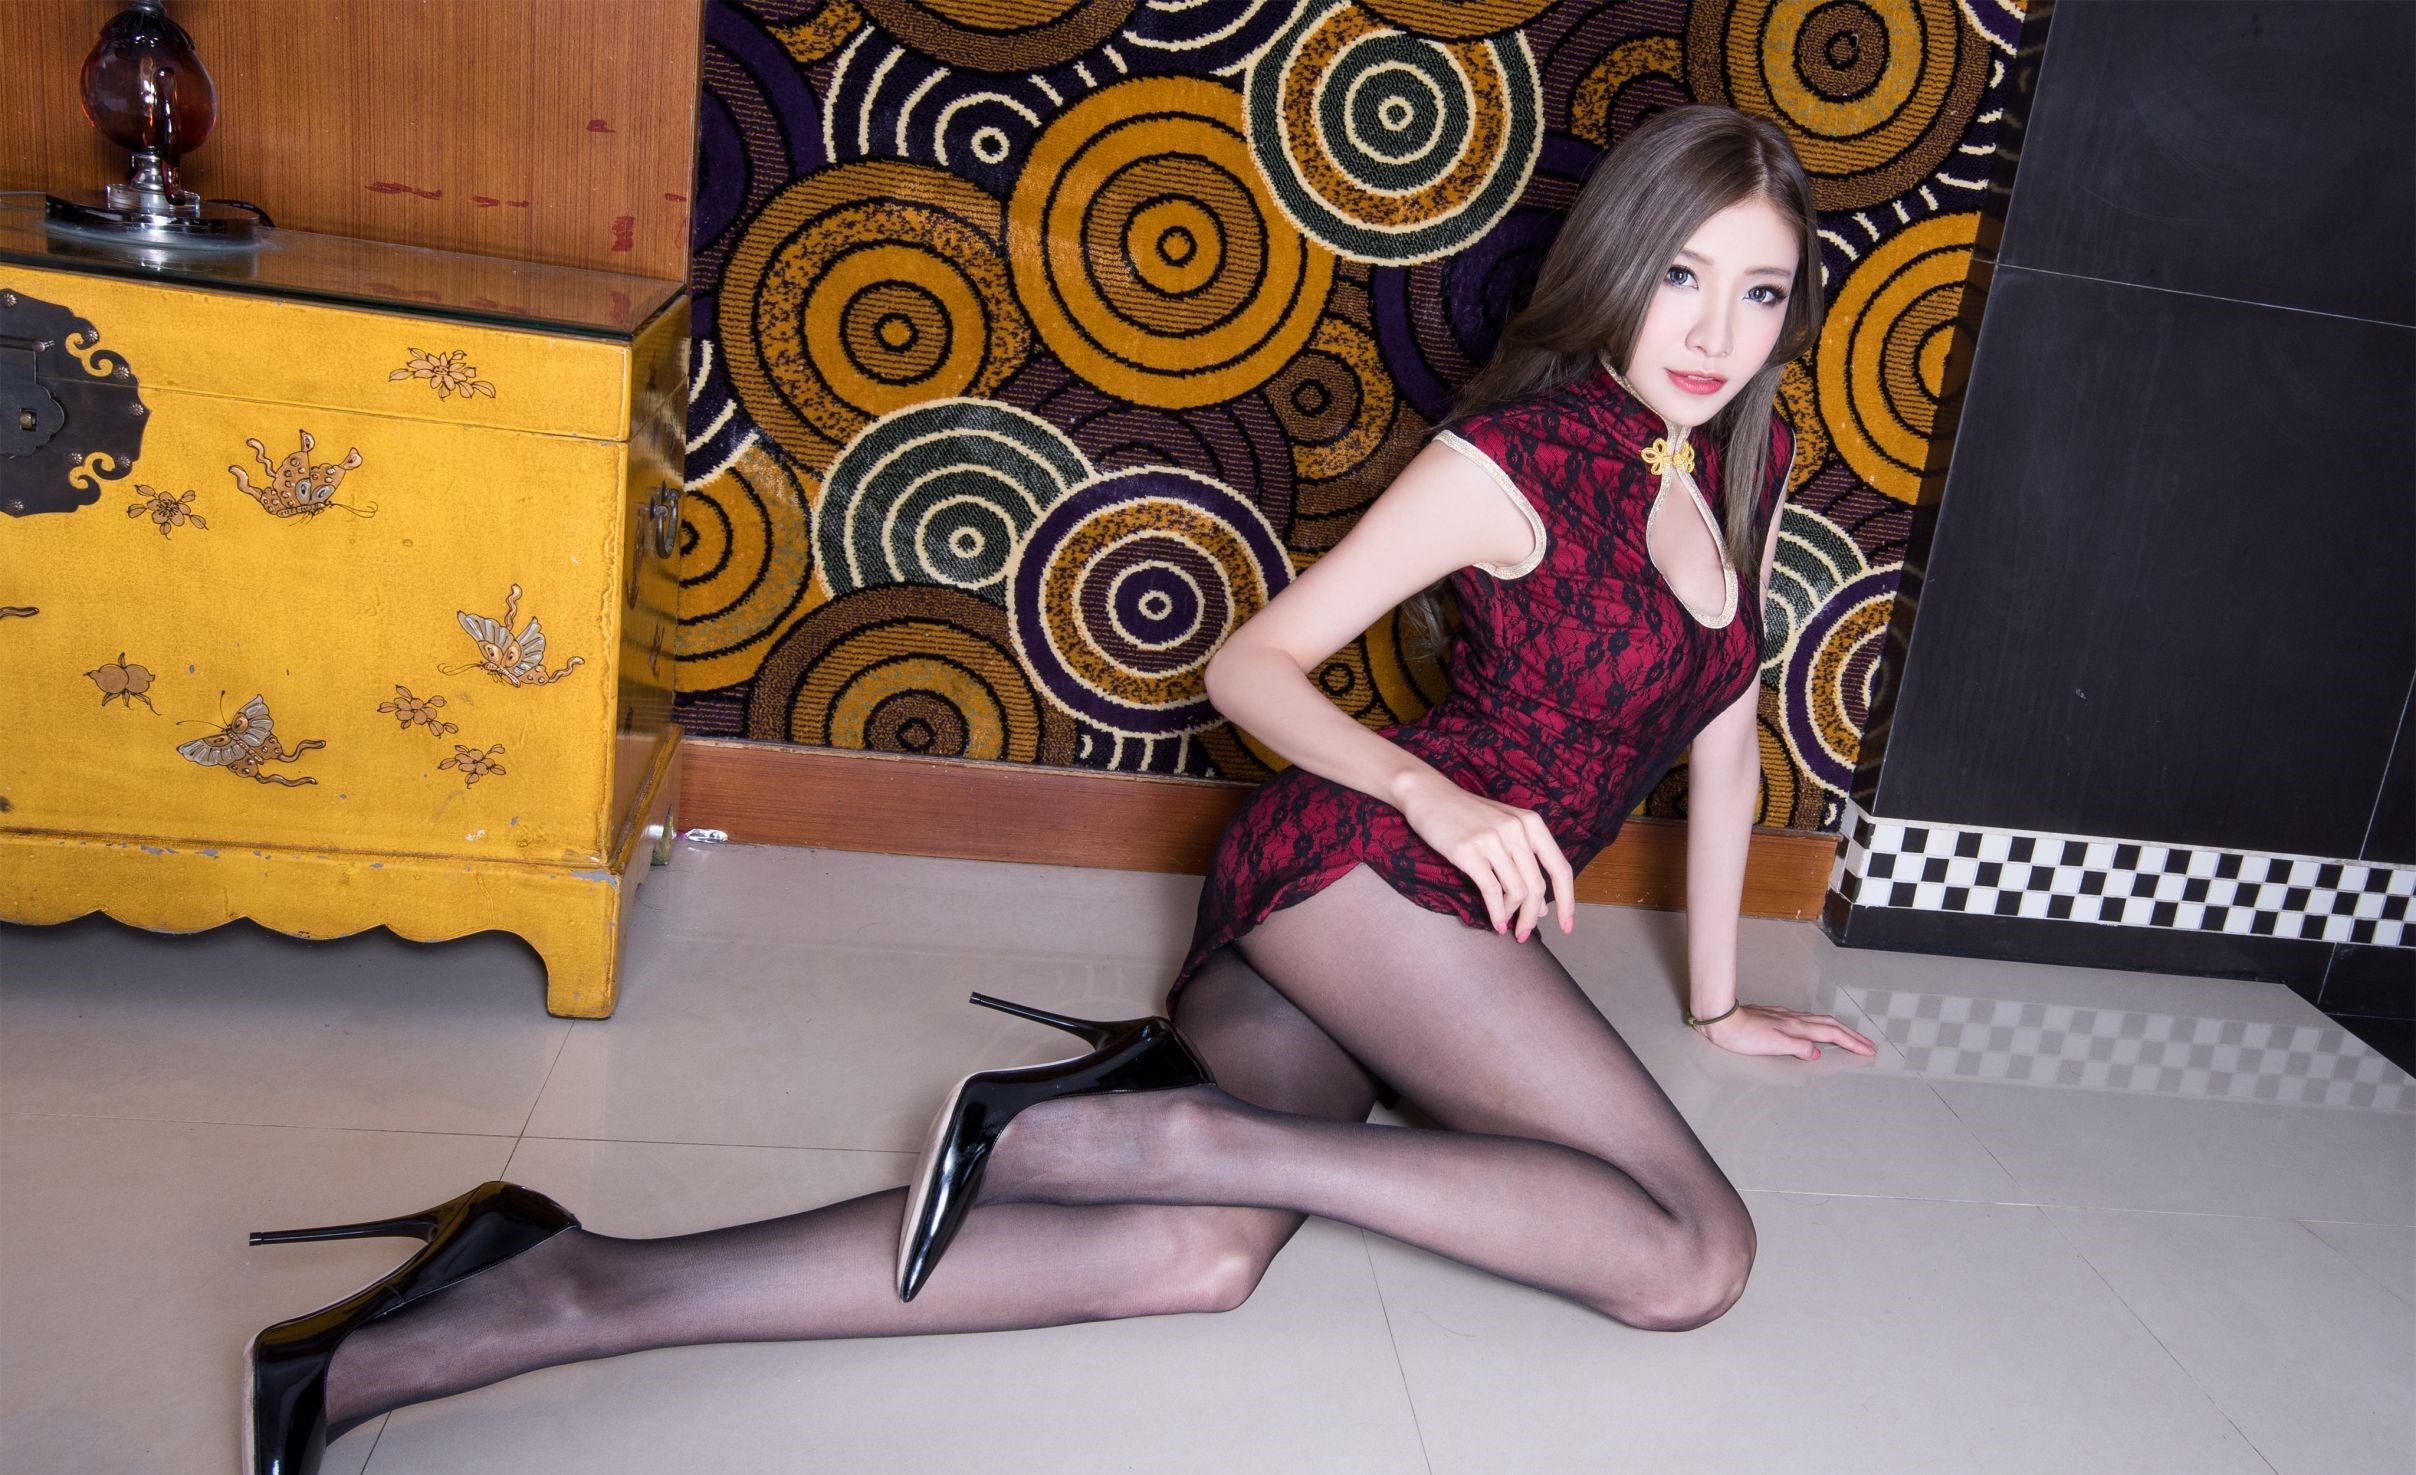 パンスト脚を見せつけるチャイナ美女 17